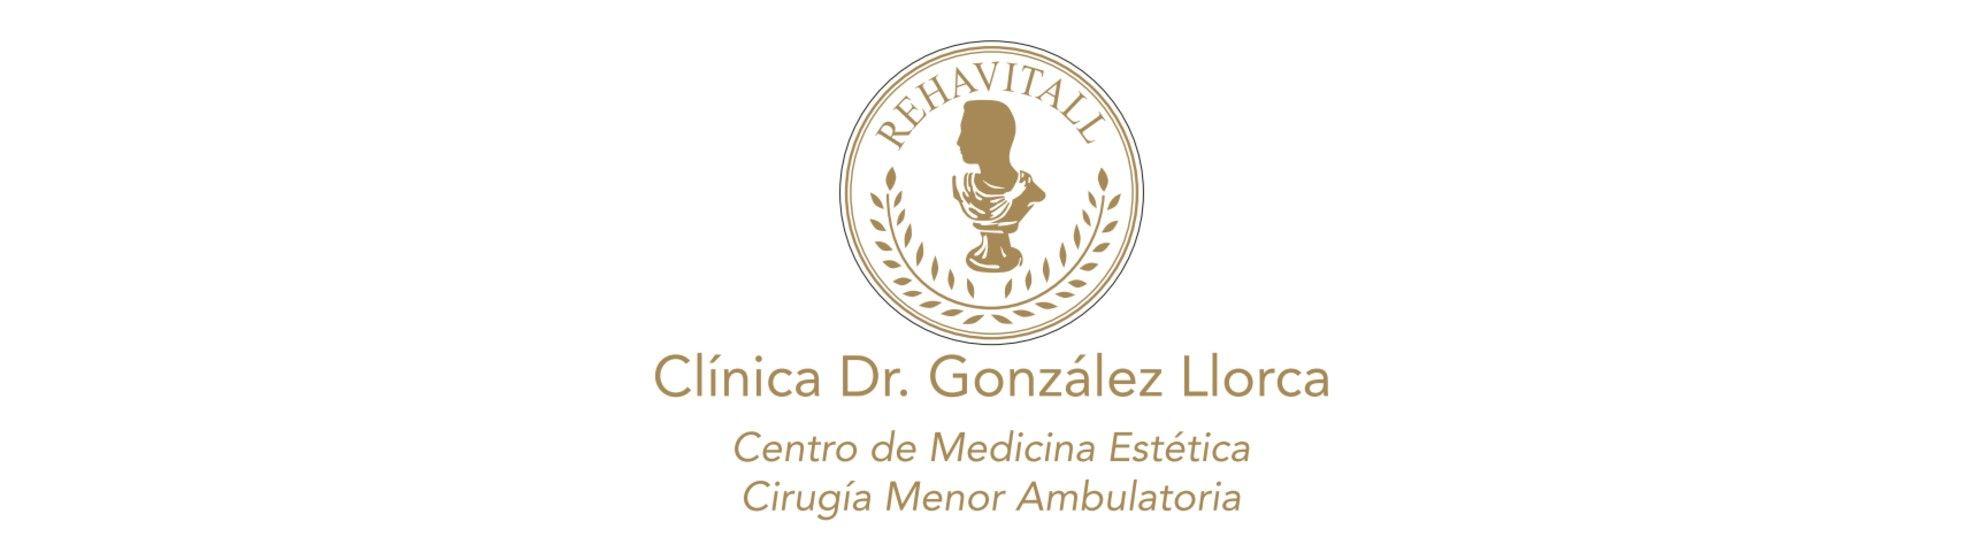 Clínica Rehavitall